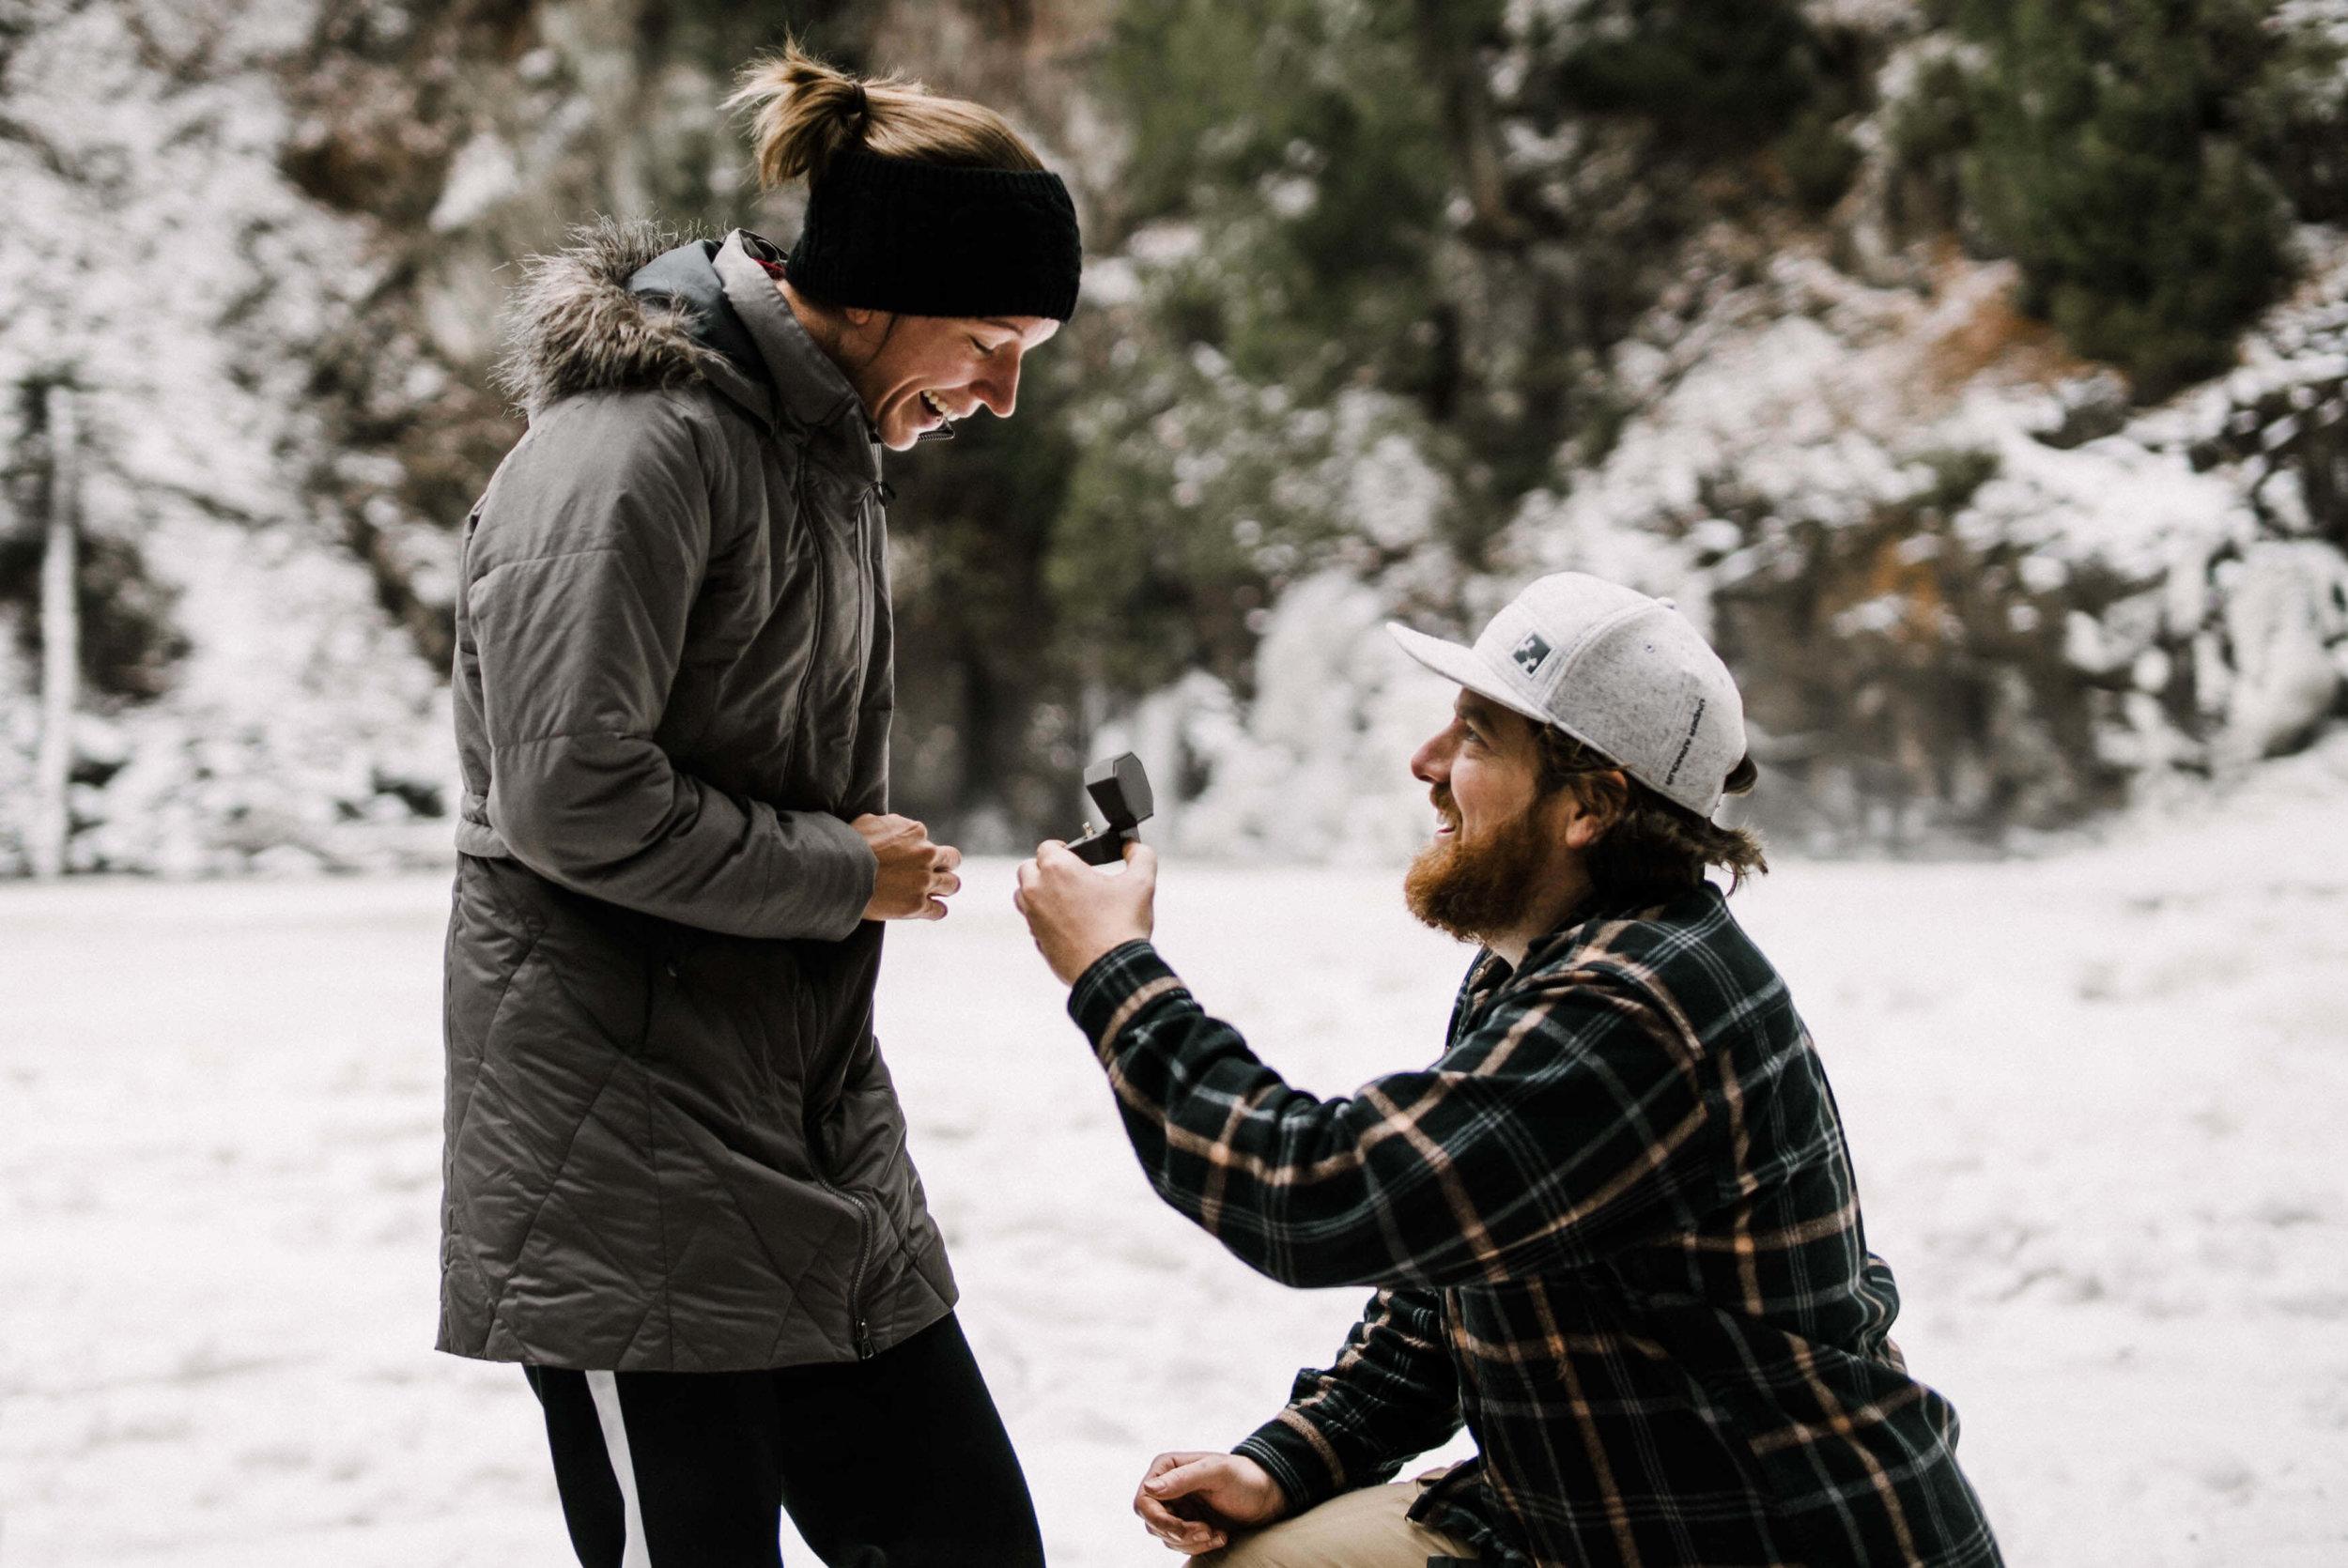 Engle-Olson-Photography-Emily-Skylar-Proposal-Engagement-8.jpg